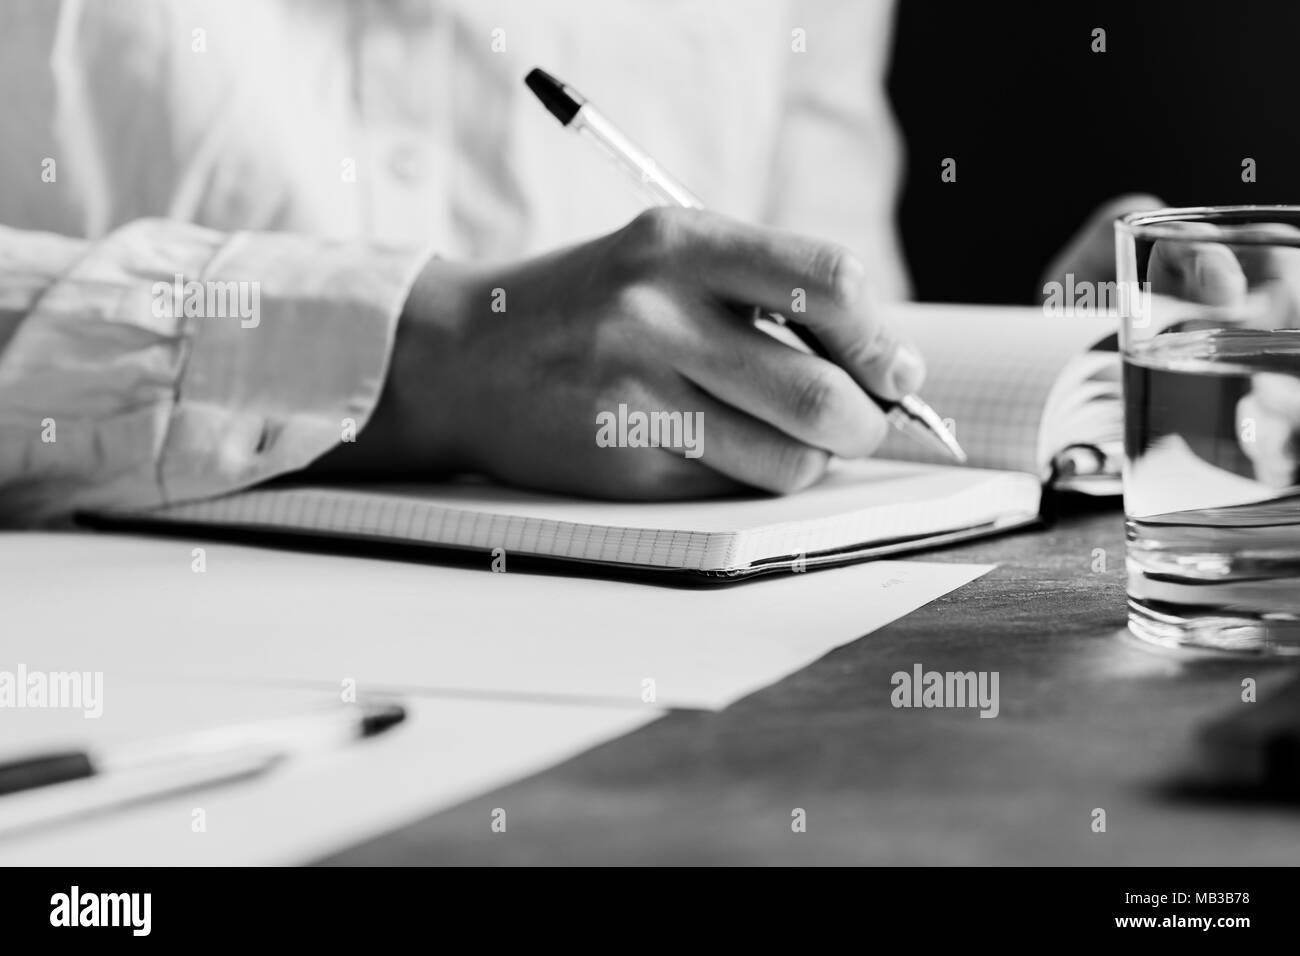 L'homme est écrit dans un ordinateur portable dans un lieu de travail. Le concept d'une œuvre et de l'éducation. La photographie en noir et blanc. Banque D'Images